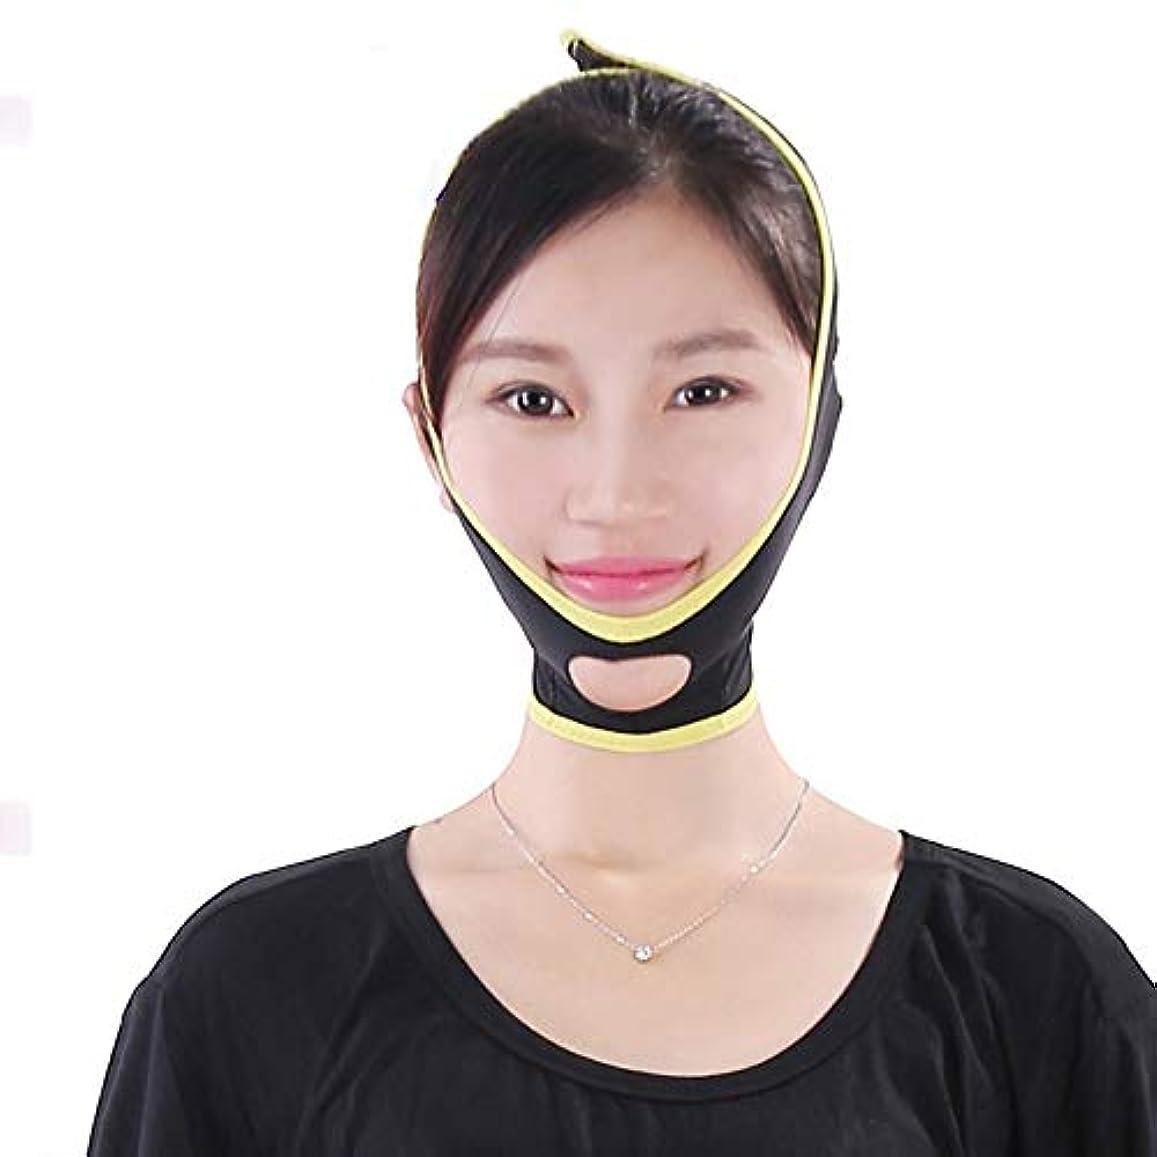 放出モディッシュ不規則なVフェイスマスク、フェイスリフティングアーティファクト、美容マスク、顔のしわ防止、減量、二重あご